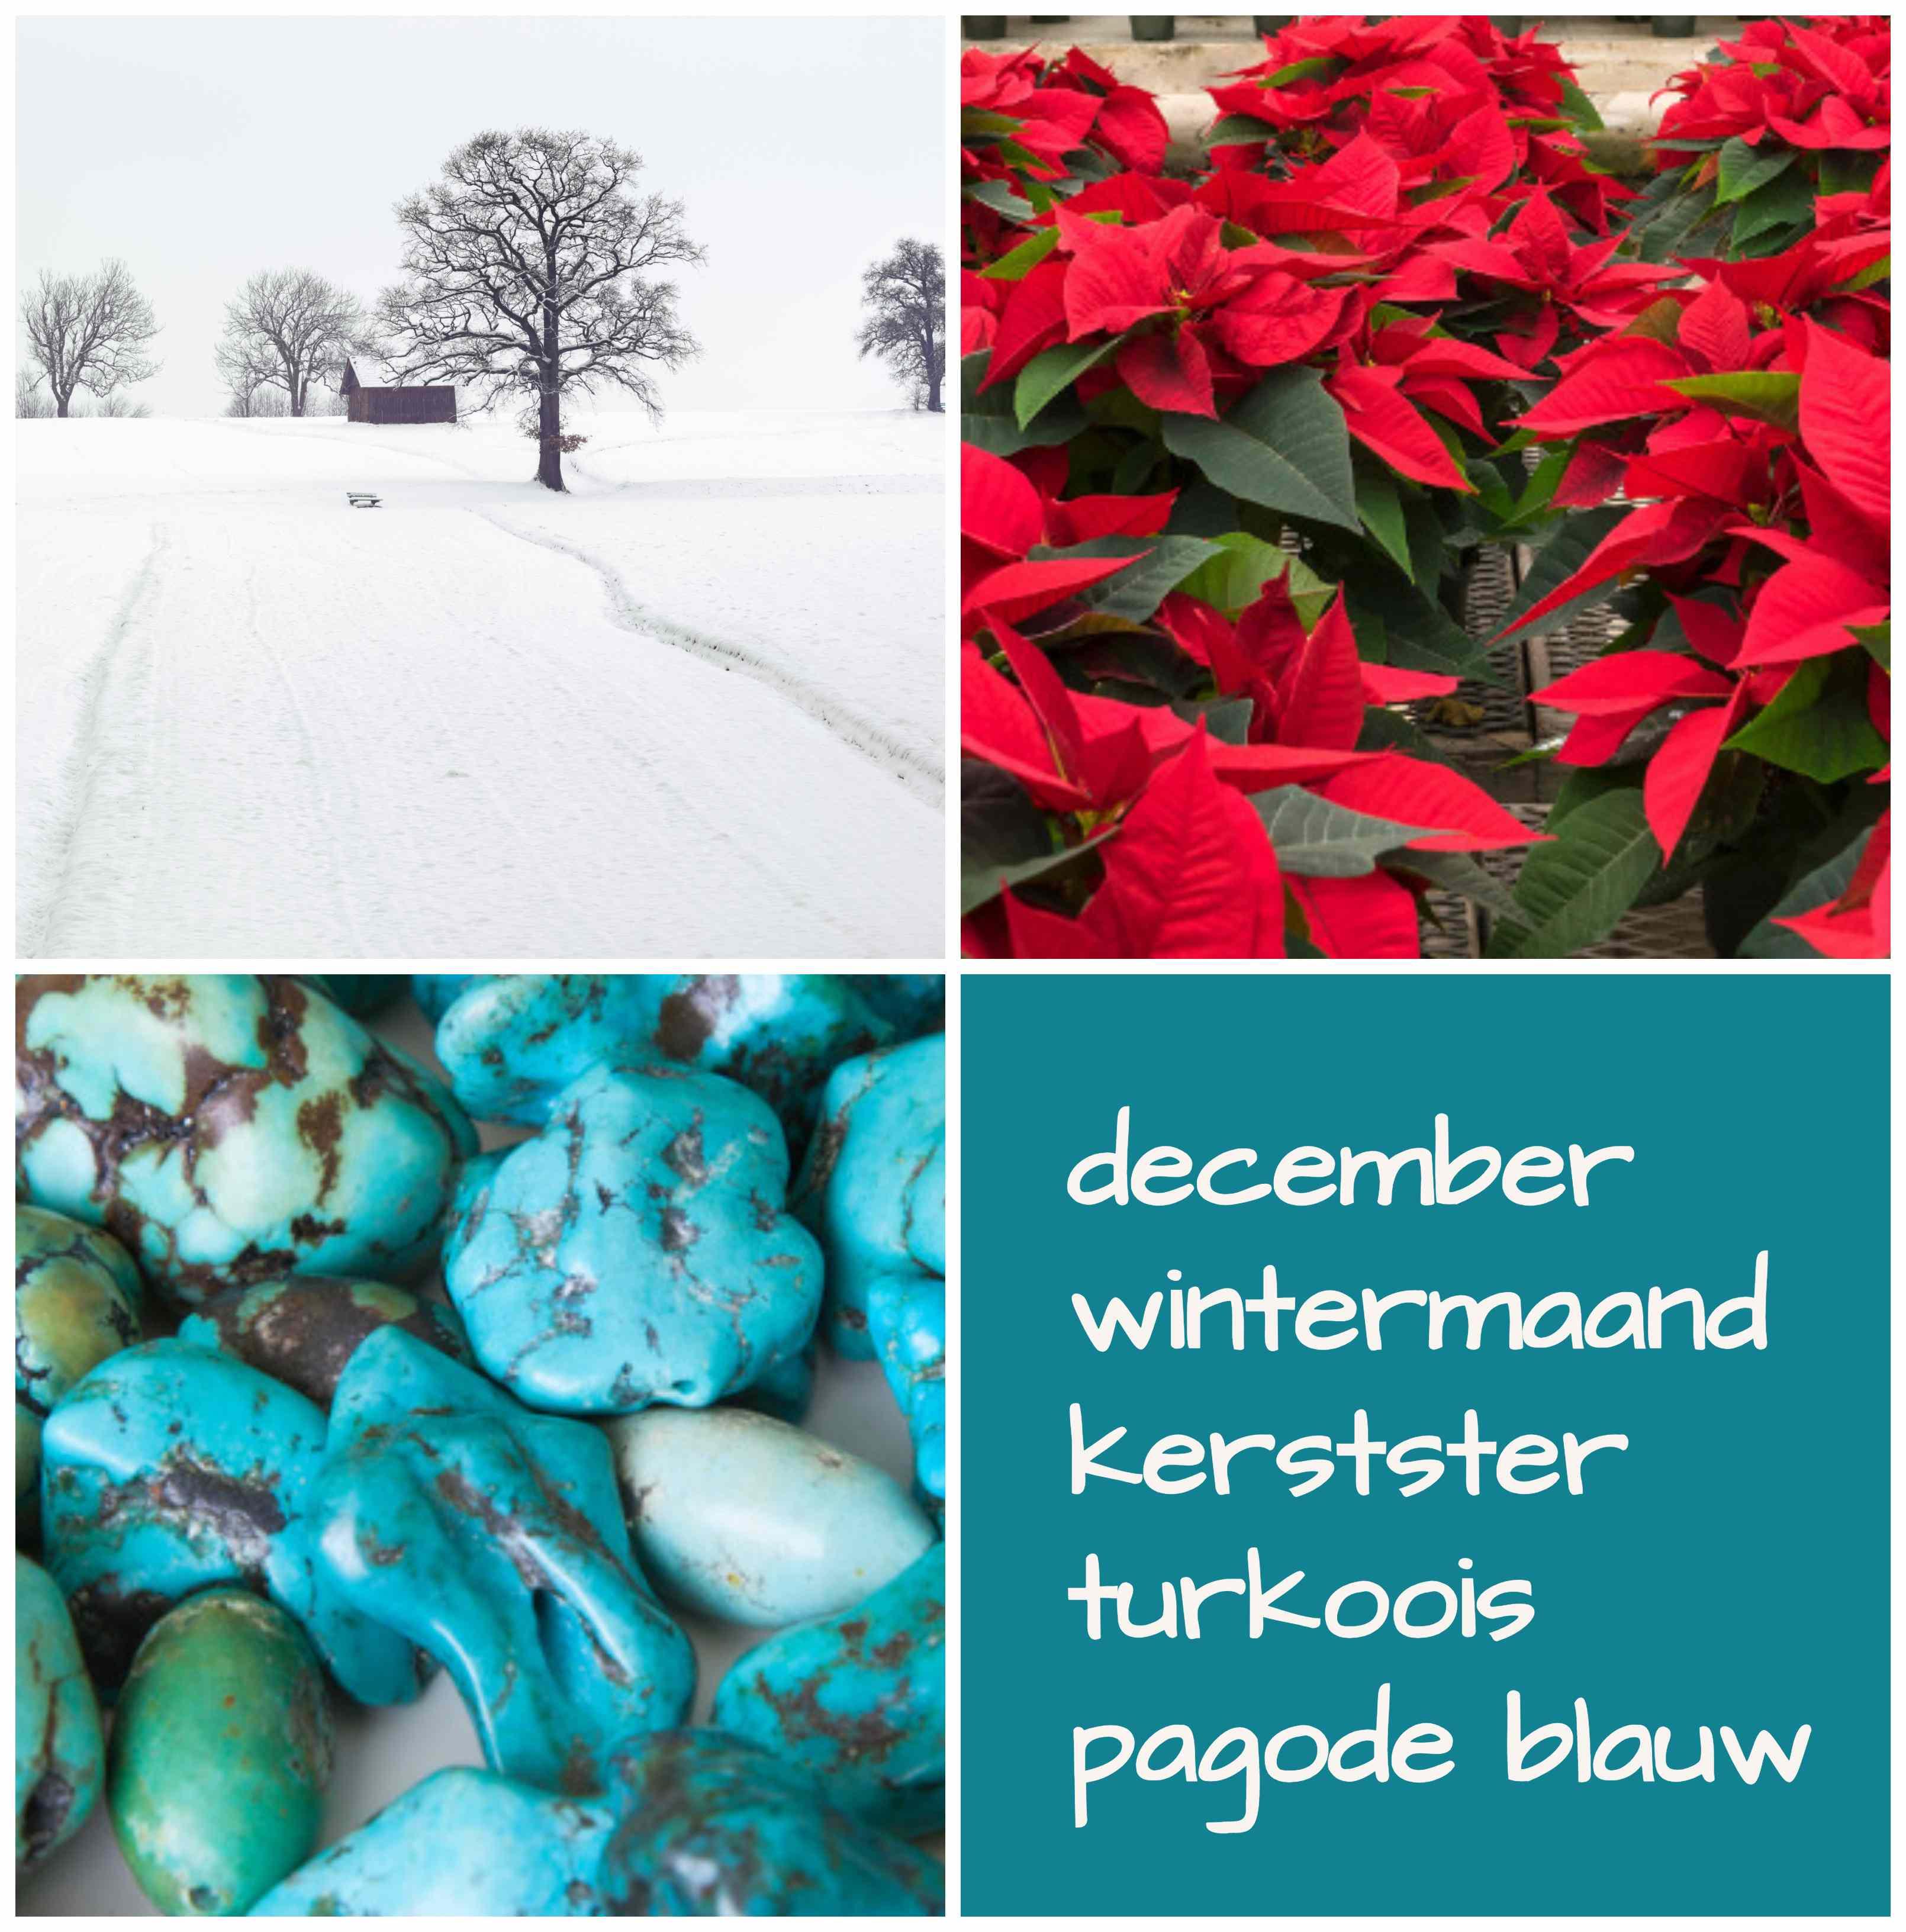 verjaardag december wintermaand geboortebloem geboortesteen geboortekleur